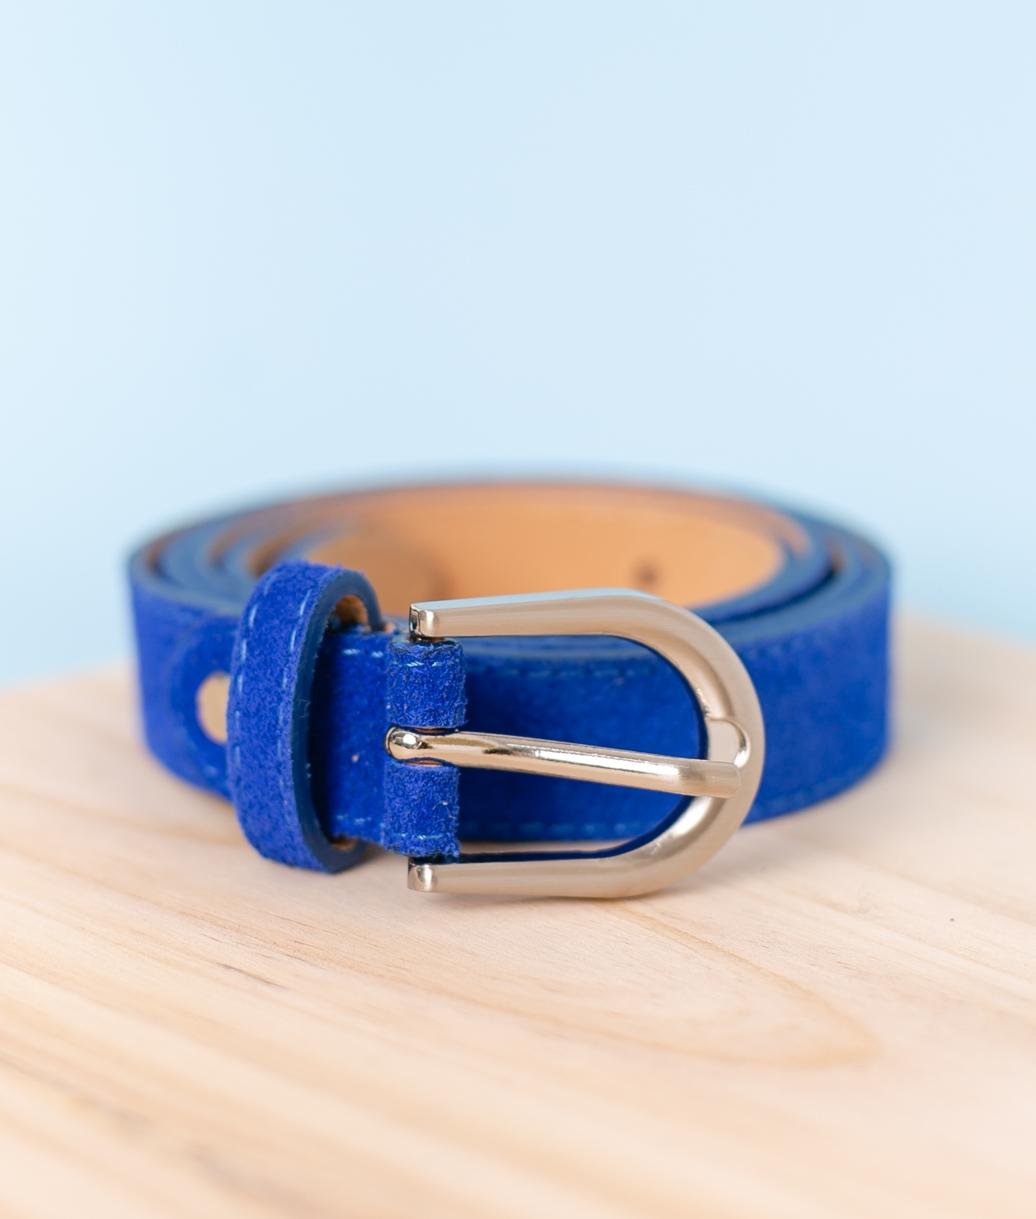 Cinturón Tamer - Azul Klein